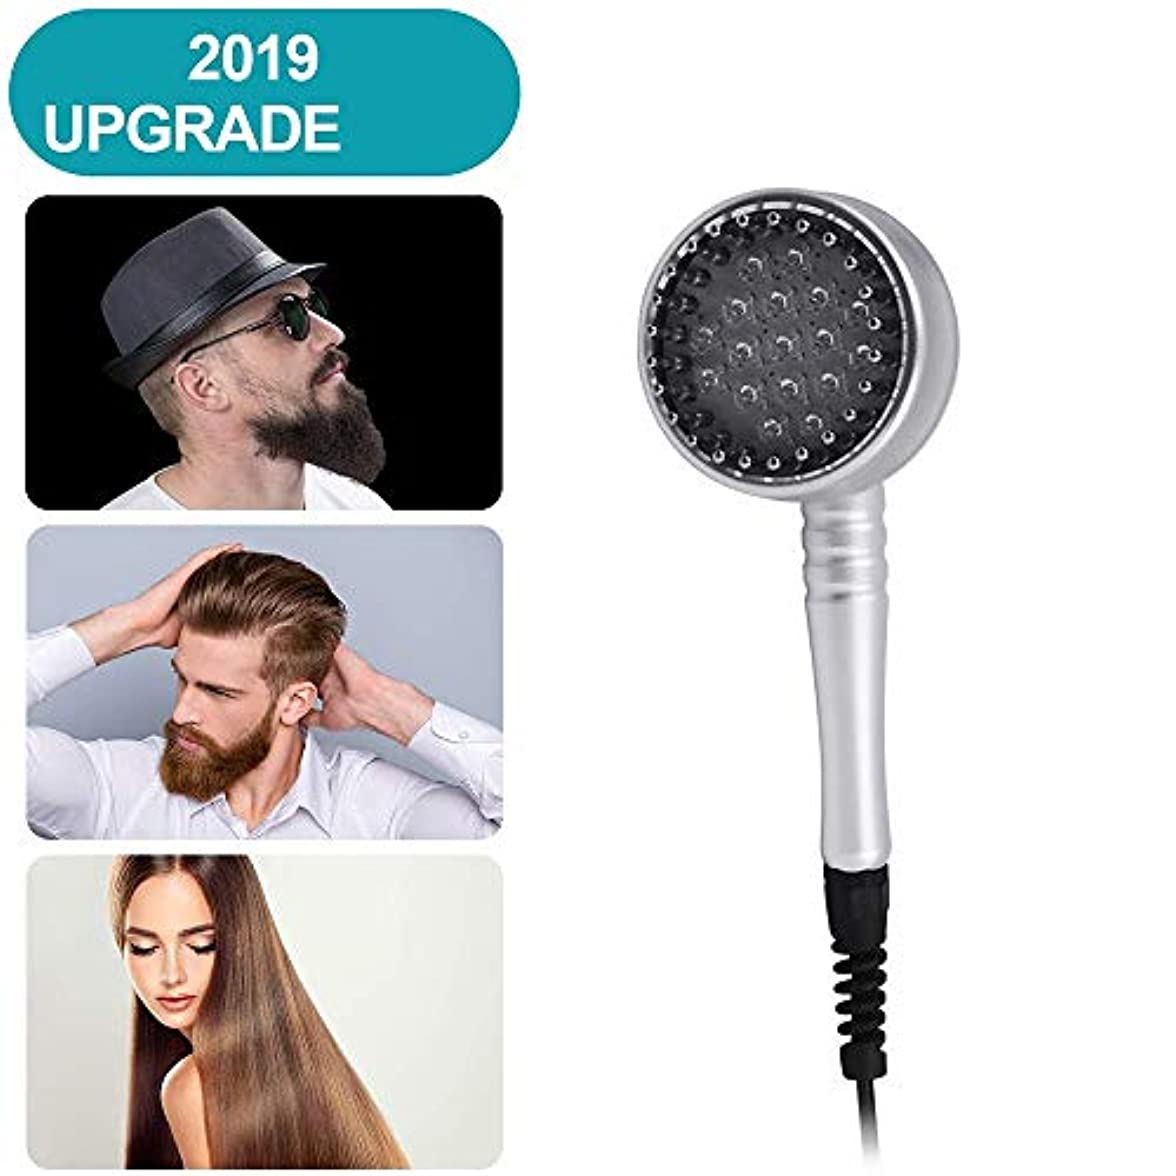 普通の挽く悪化させる毛の成長くし、男性&女性のための赤外光や振動セラピー、再成長髪のマッサージブラシ付き電動発毛くし